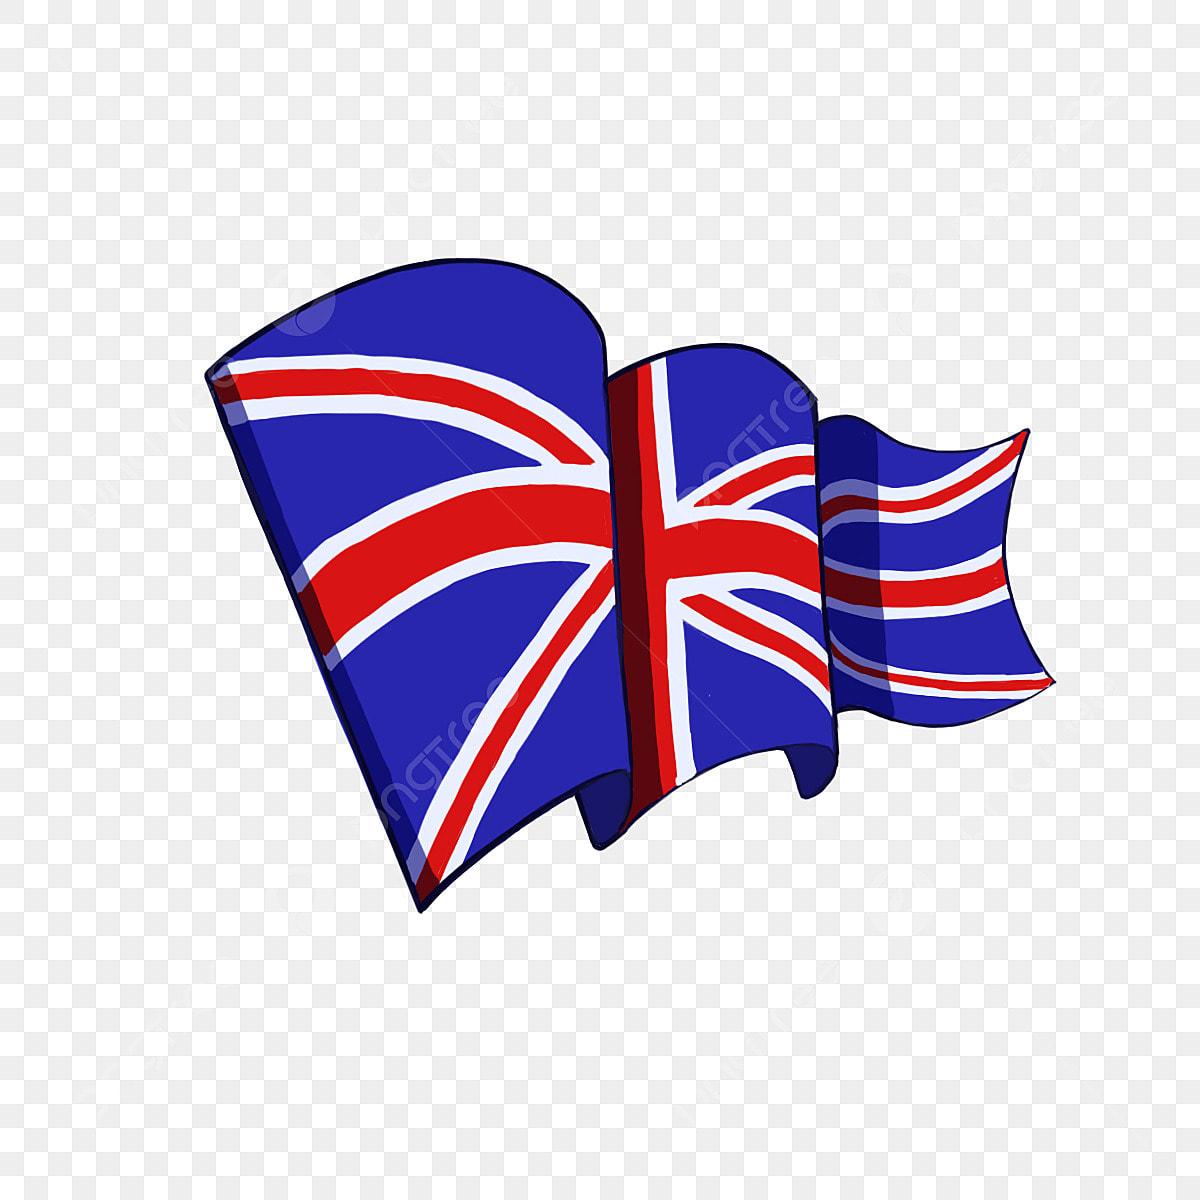 Gambar British Bendera Berkibar Bendera Berkibar Unsur Unsur Mengibarkan Bendera Hari Kebangsaan Bendera Kebangsaan Png Dan Psd Untuk Muat Turun Percuma